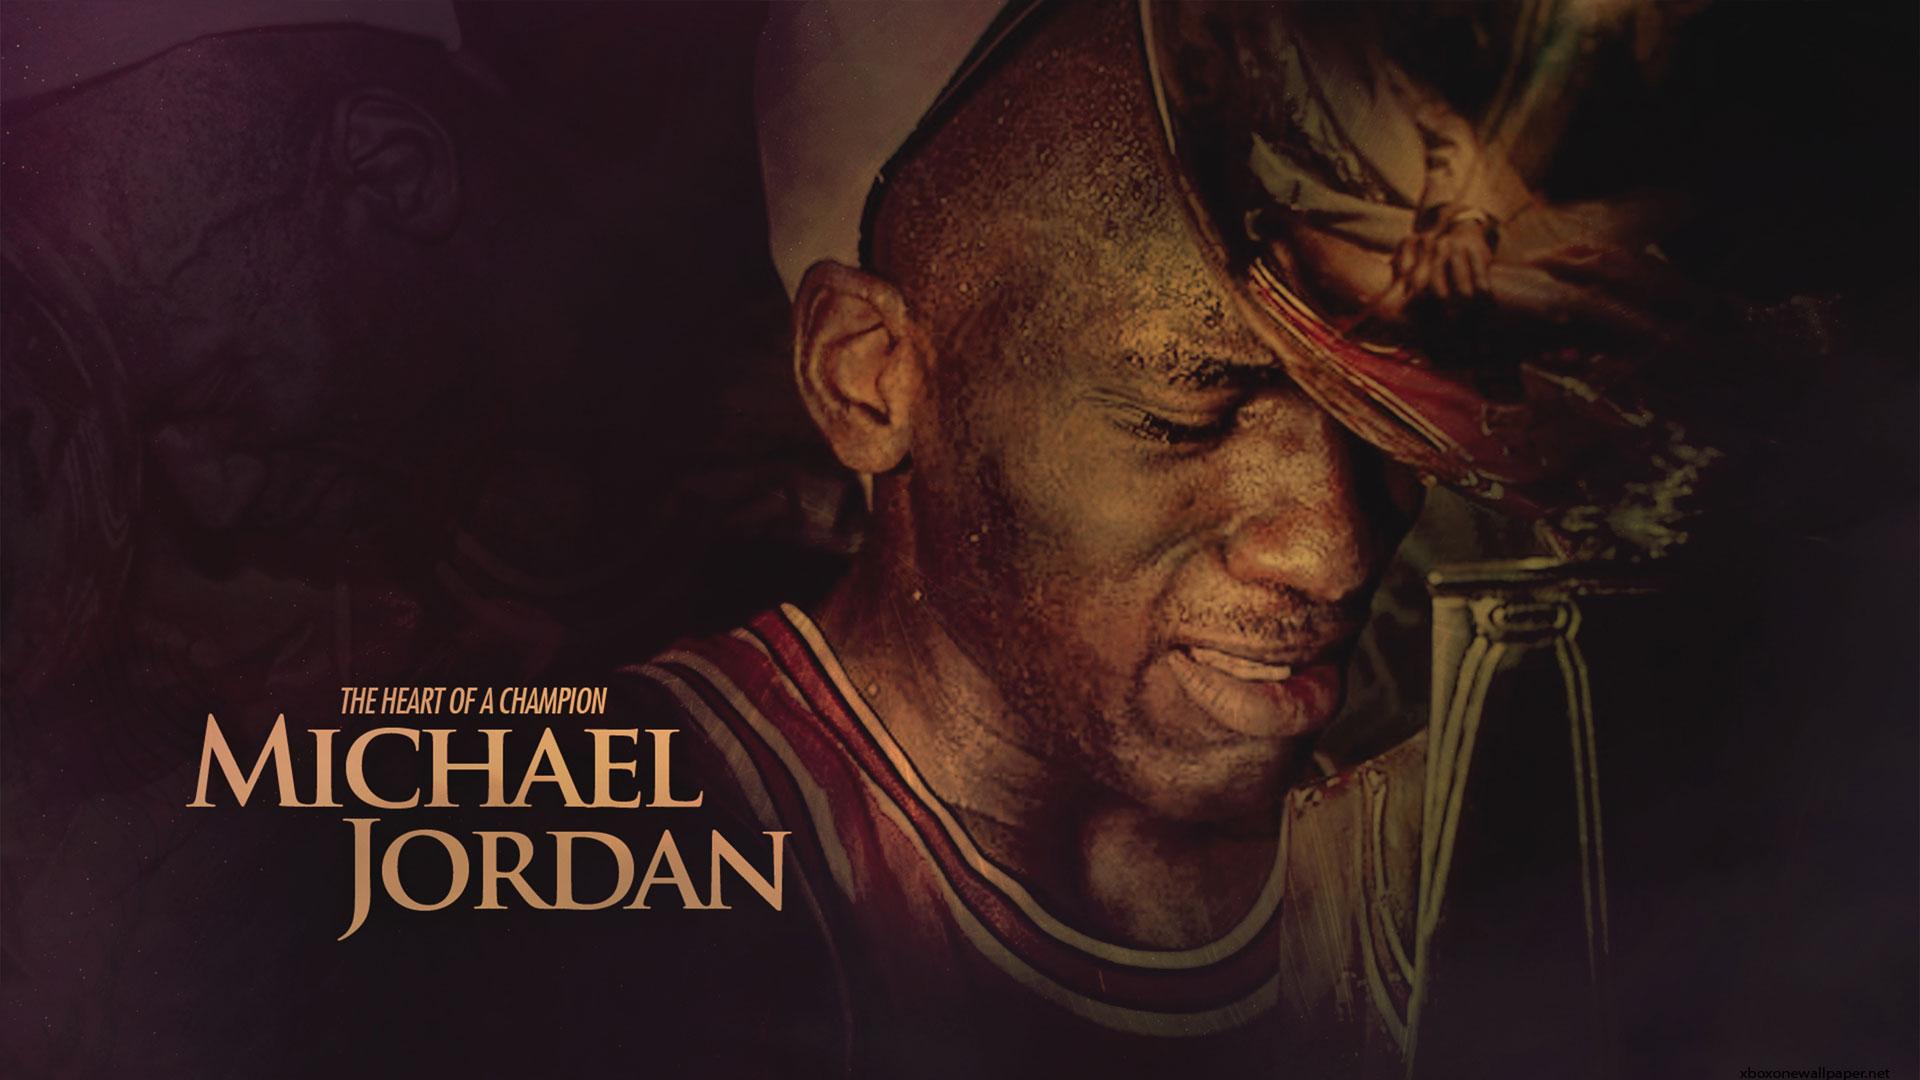 Michael Jordan Wallpaper 1080p: Michael Jordan Wallpaper Xbox One